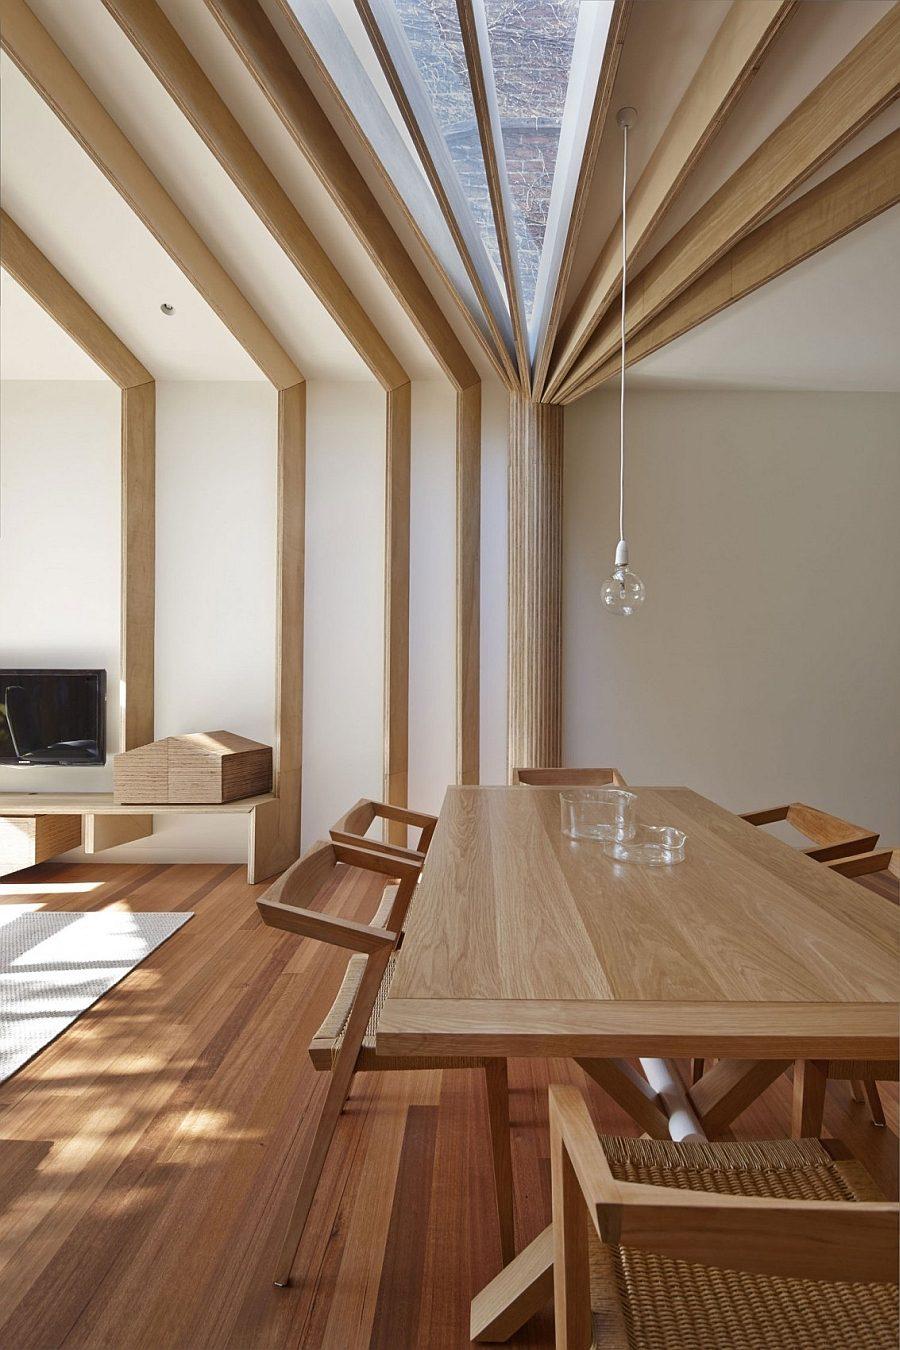 Ngôi nhà cổ điển tại Úc đẹp lôi cuốn nhờ nội thất hiện đại - 05